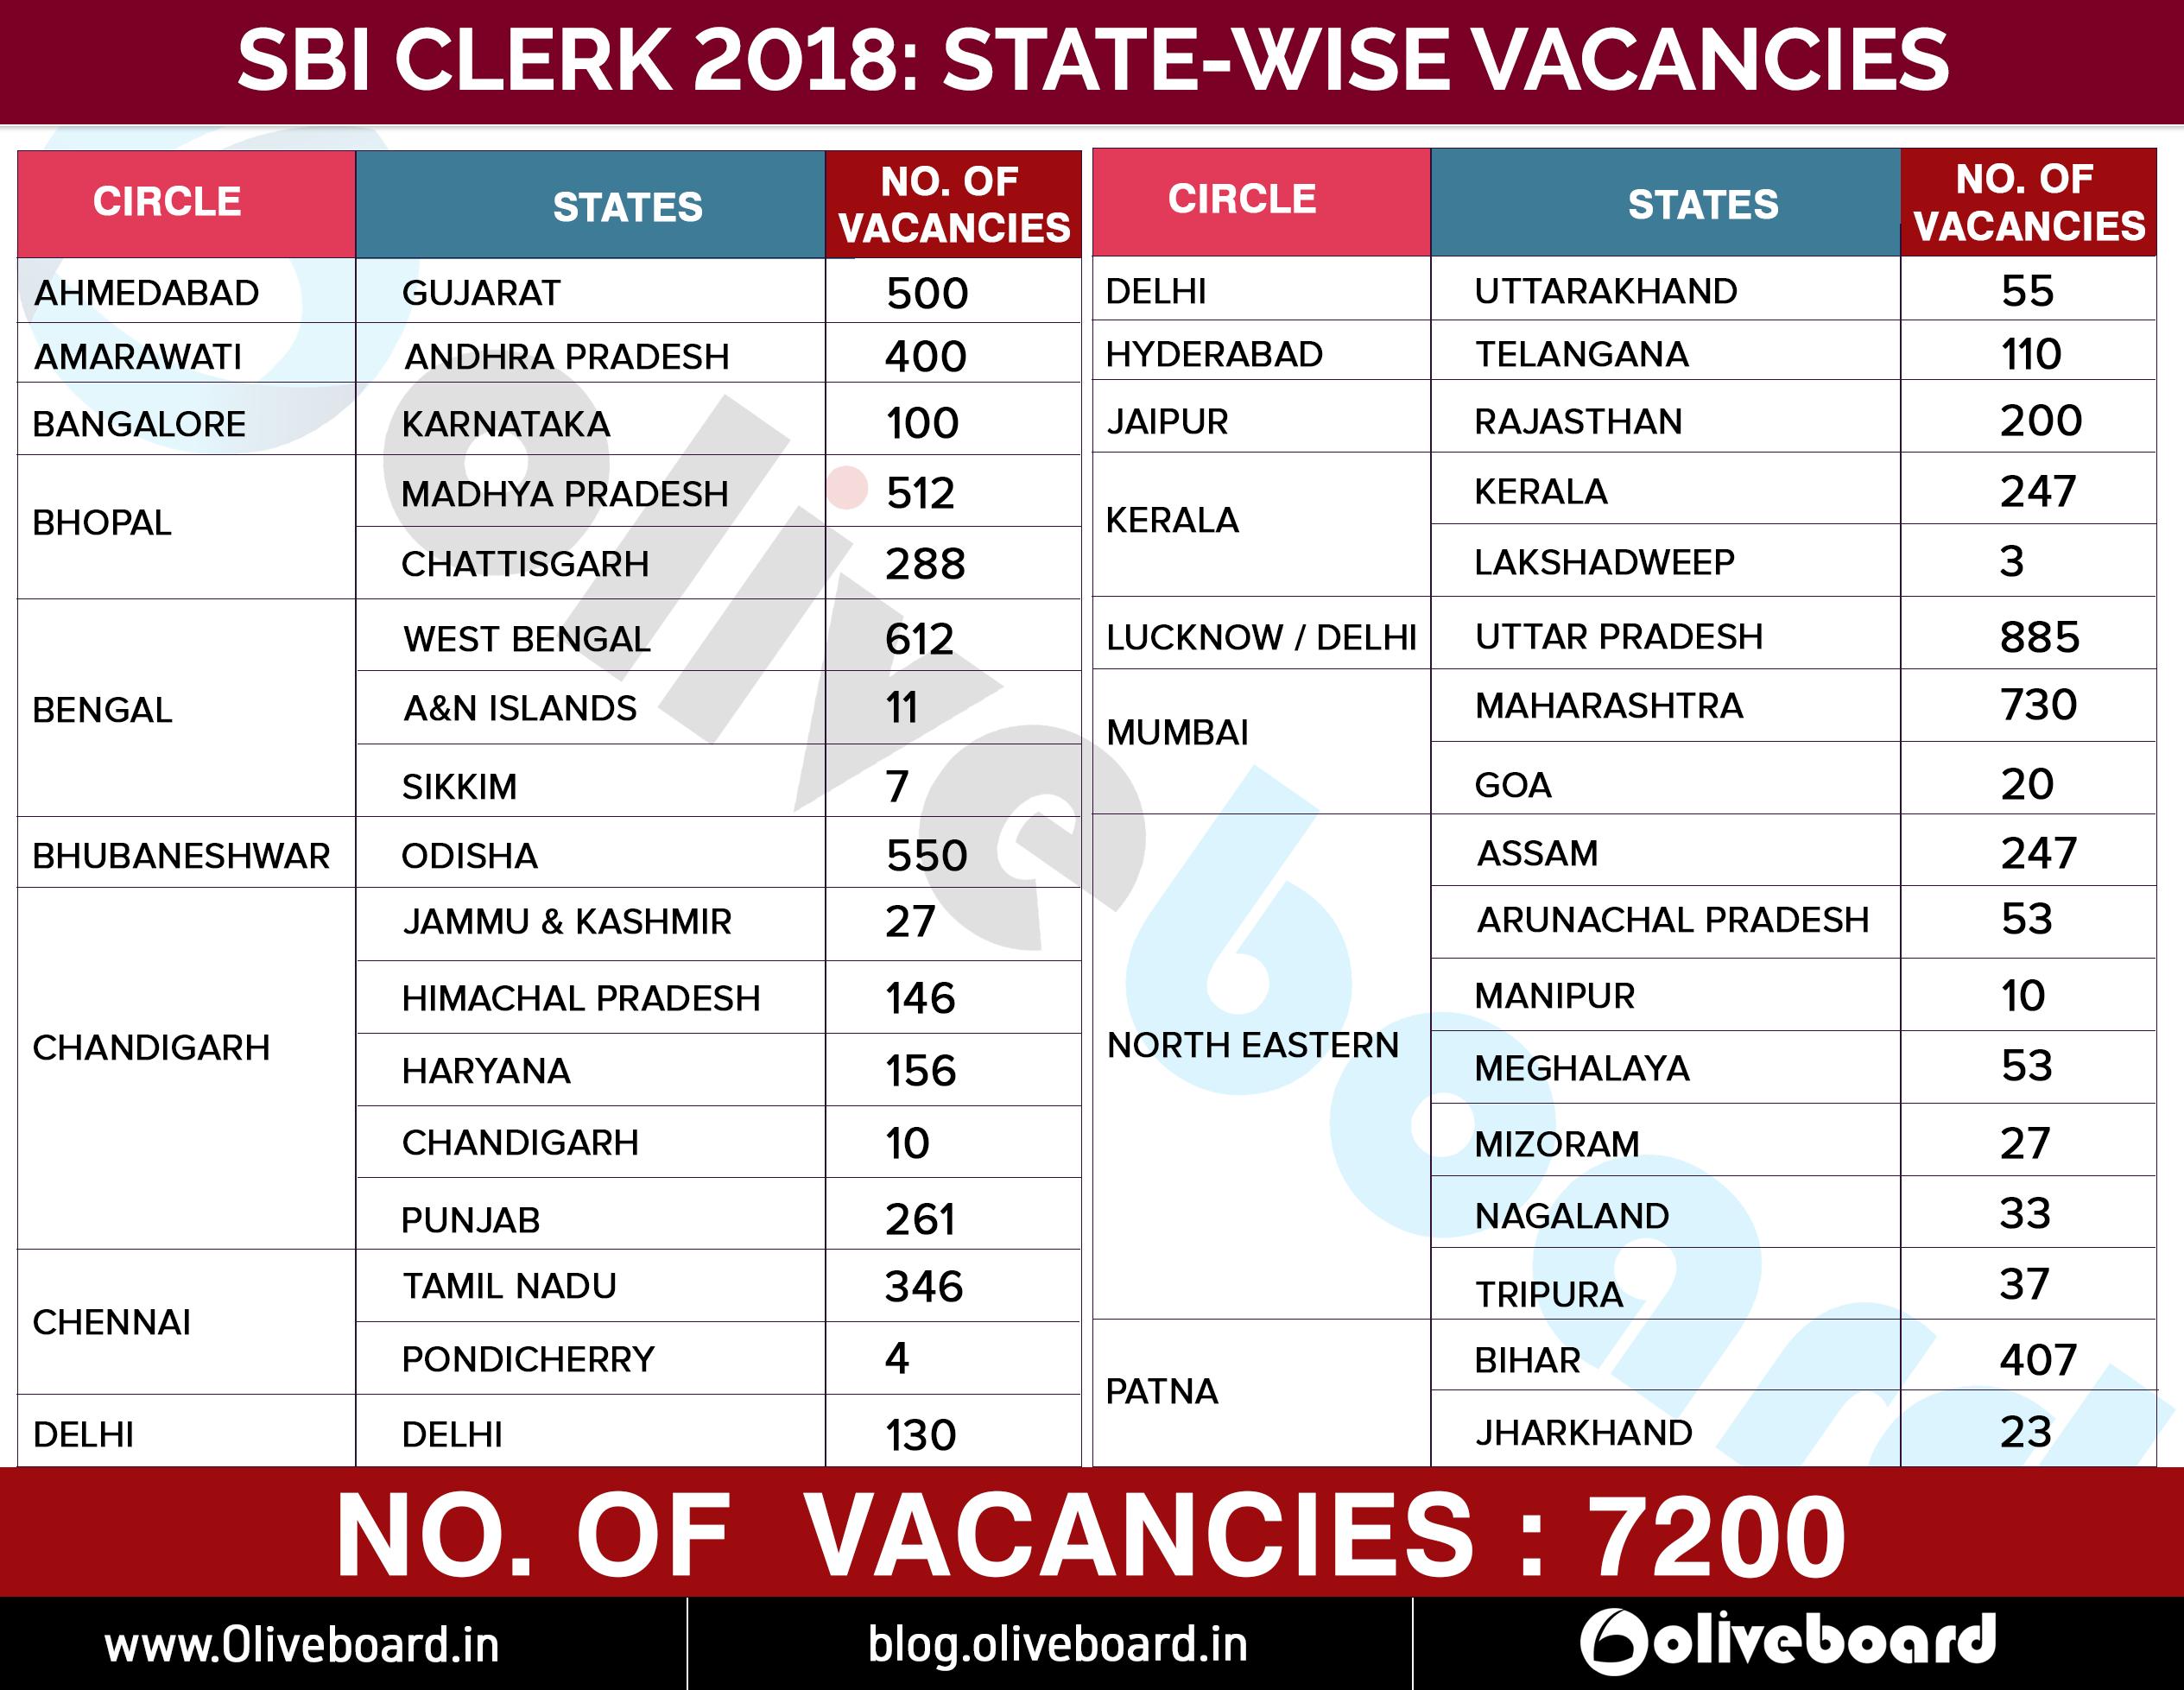 SBI-CLERK-statewise-list-of-vacancy 2018